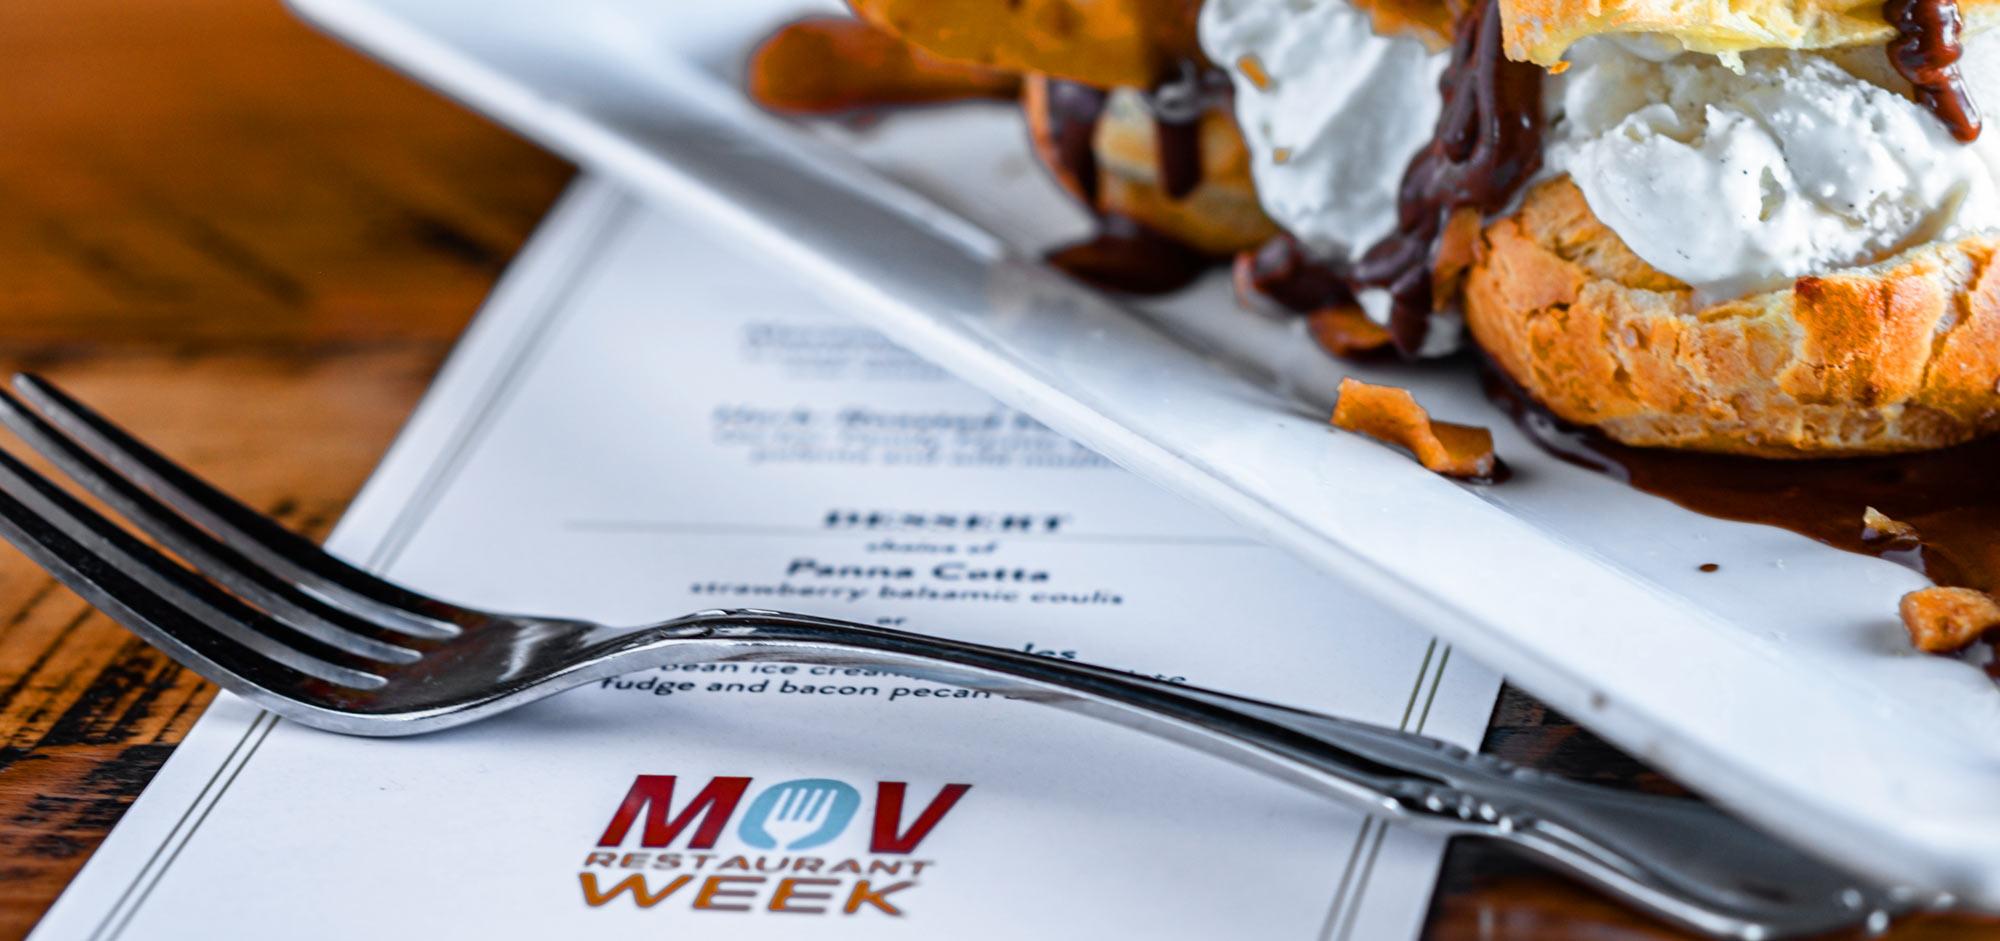 MOV Restaurant Week Menu